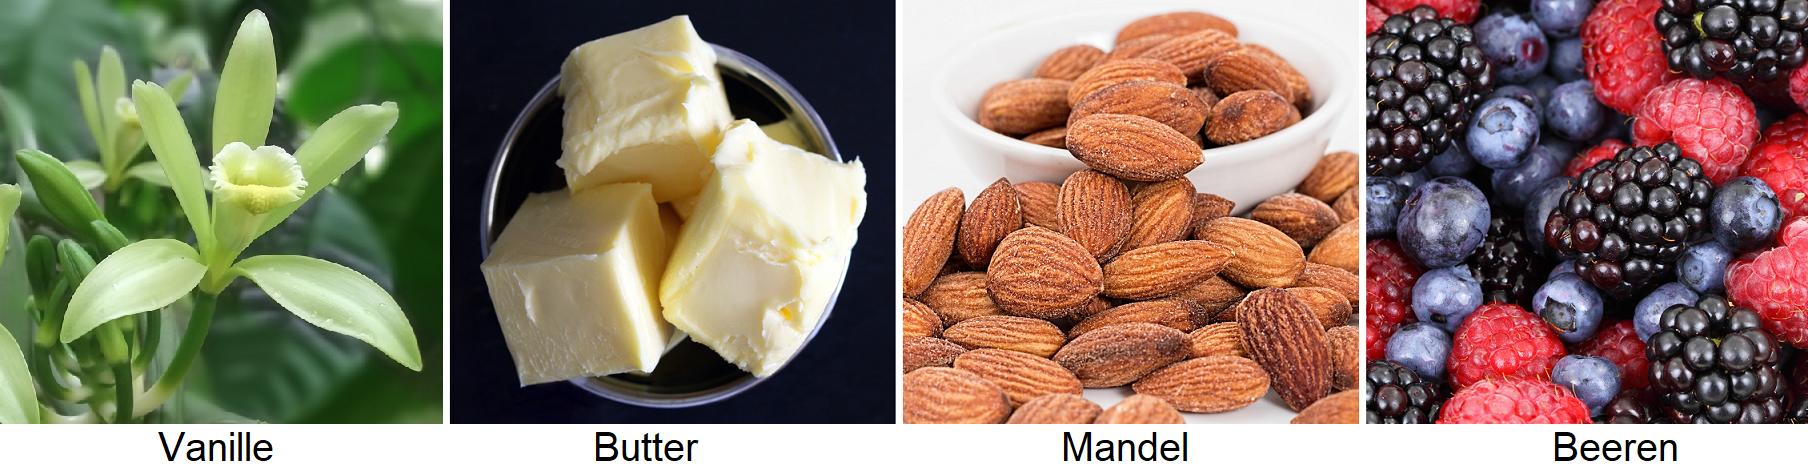 Flavorings - vanilla, butter, almonds, berries